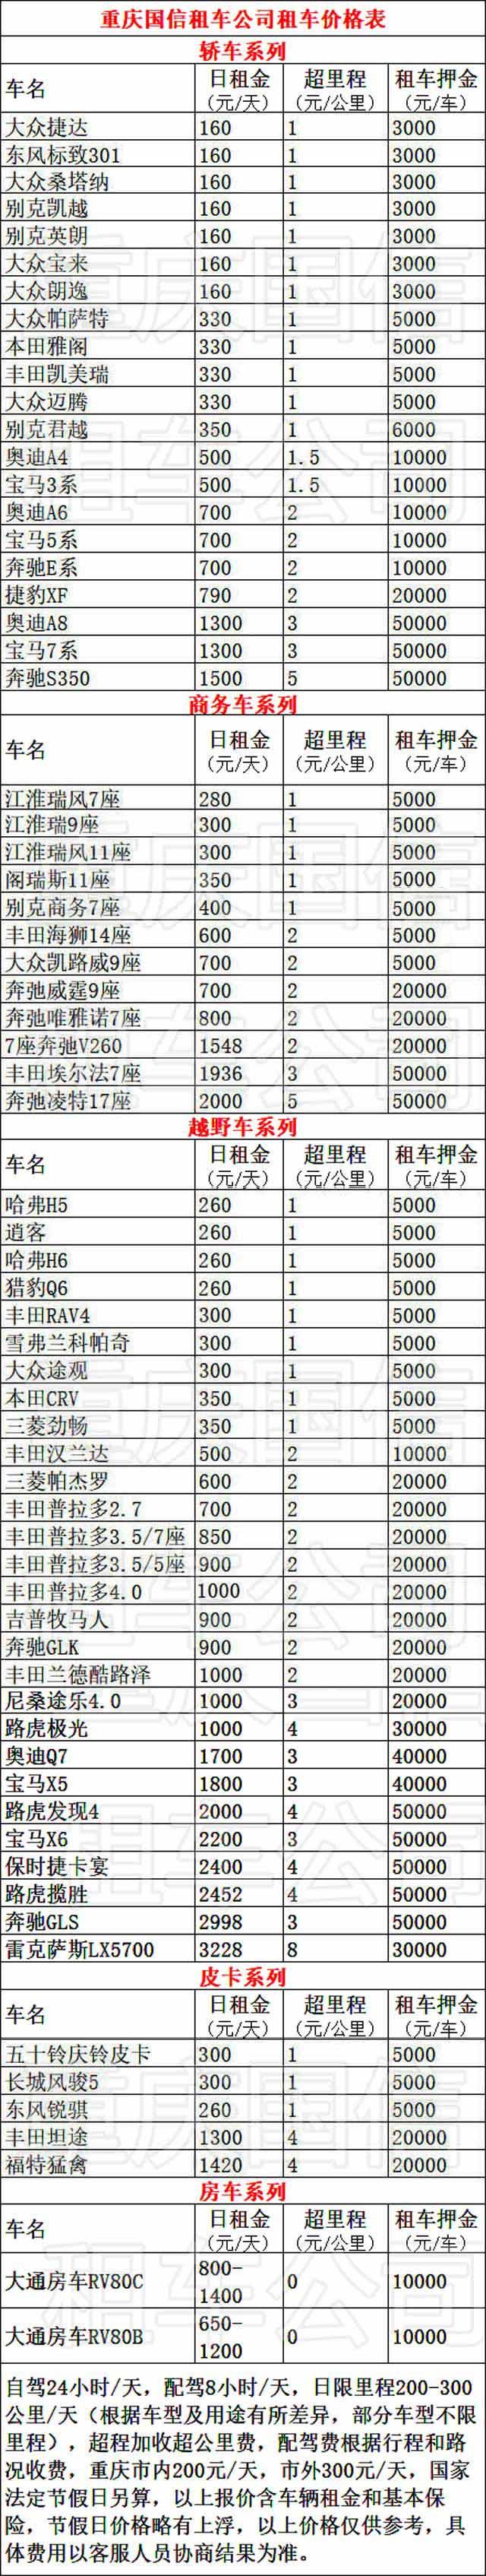 重庆自驾租车价格表